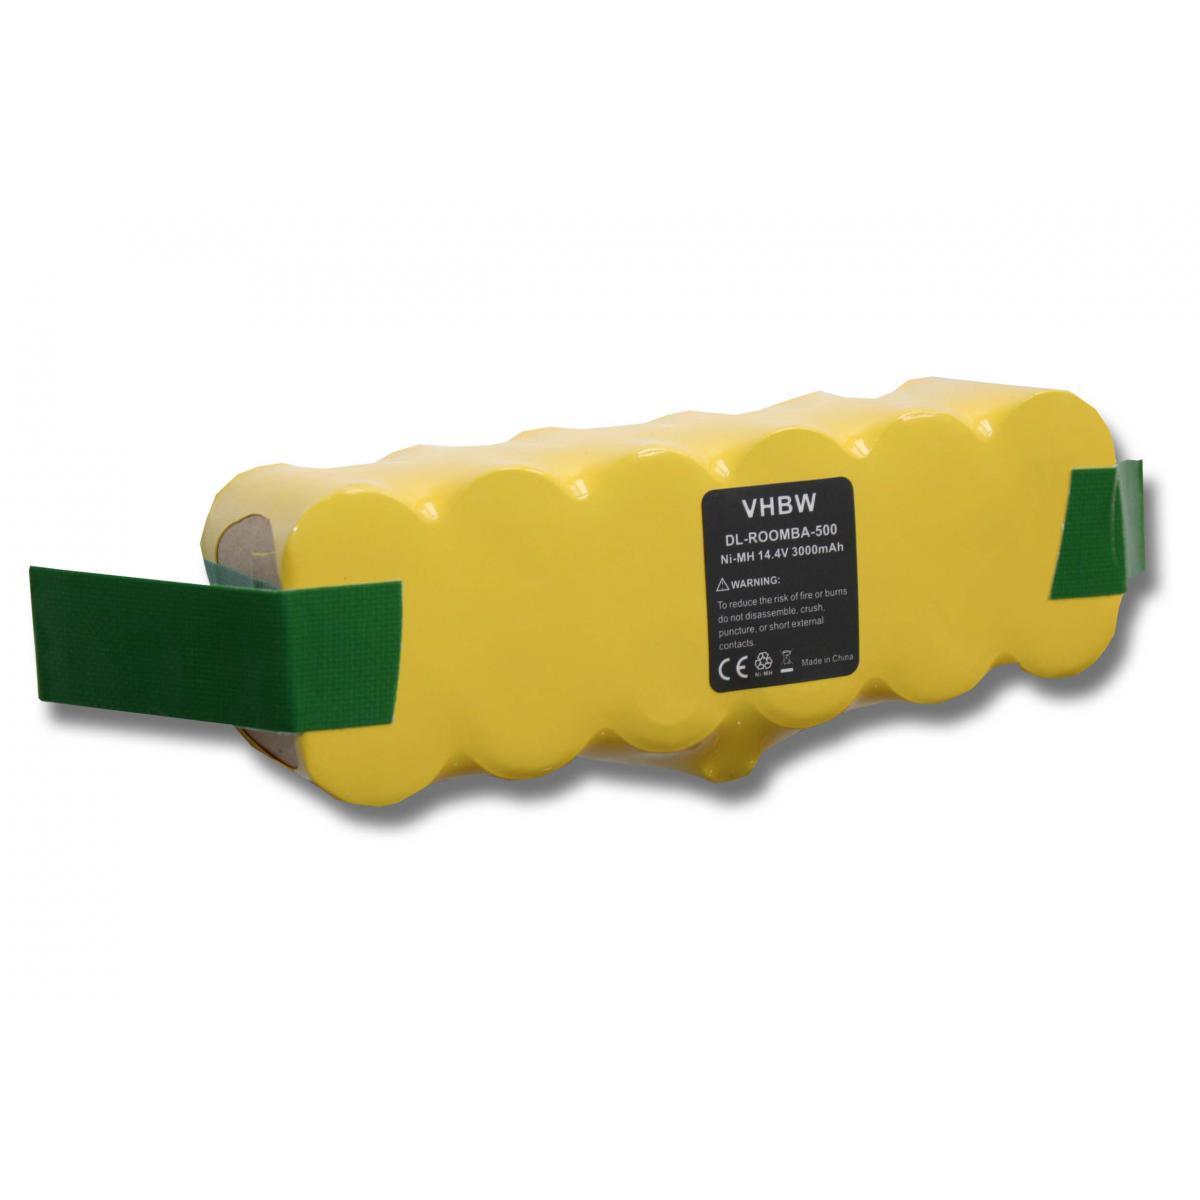 Vhbw vhbw batterie Ni-MH 3000mAh (14.4V) compatible avec iRobot Roomba 620, 625, 630, 650 aspirateur remplace 11702, GD-Roomb